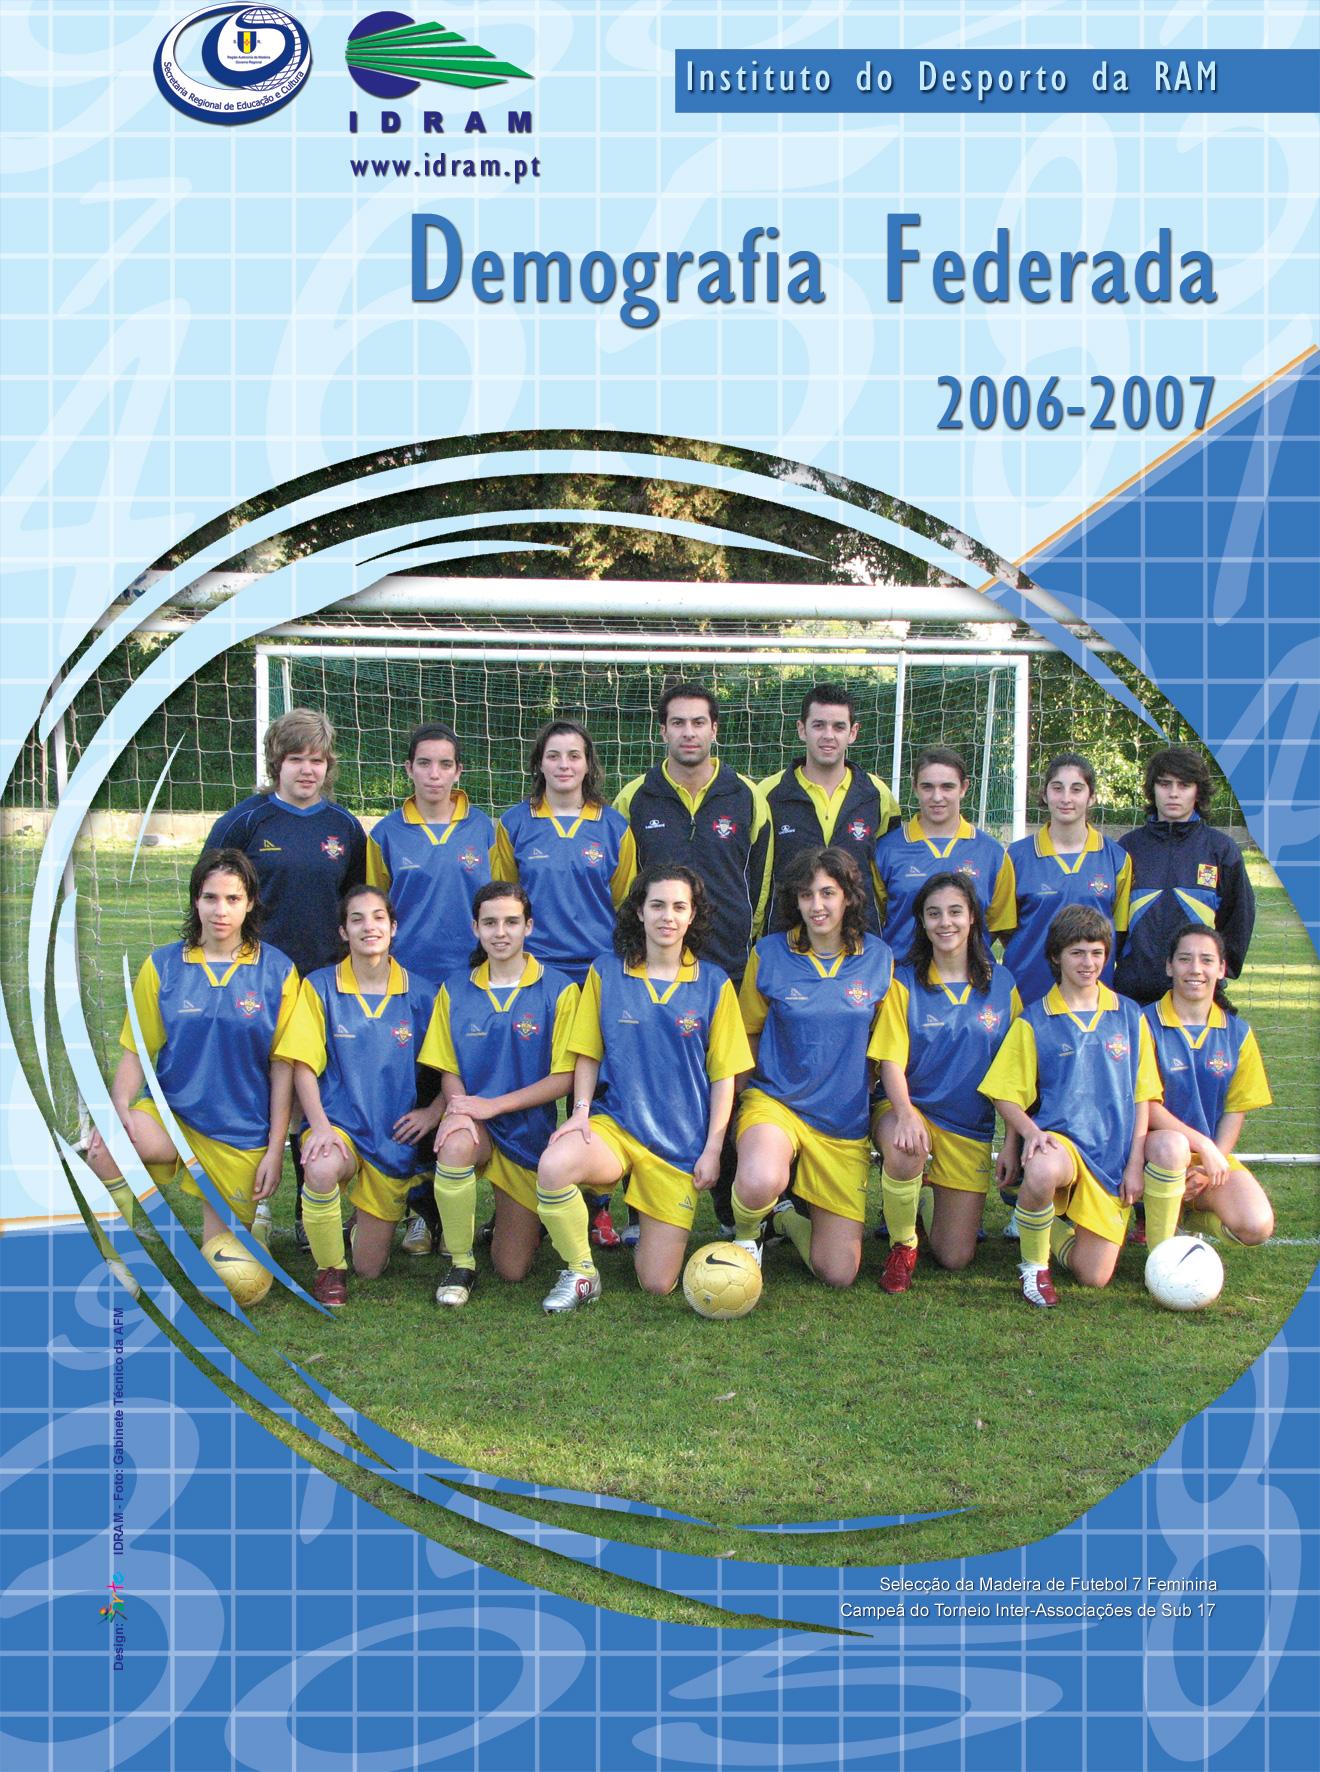 Demografia Federada 2006/2007